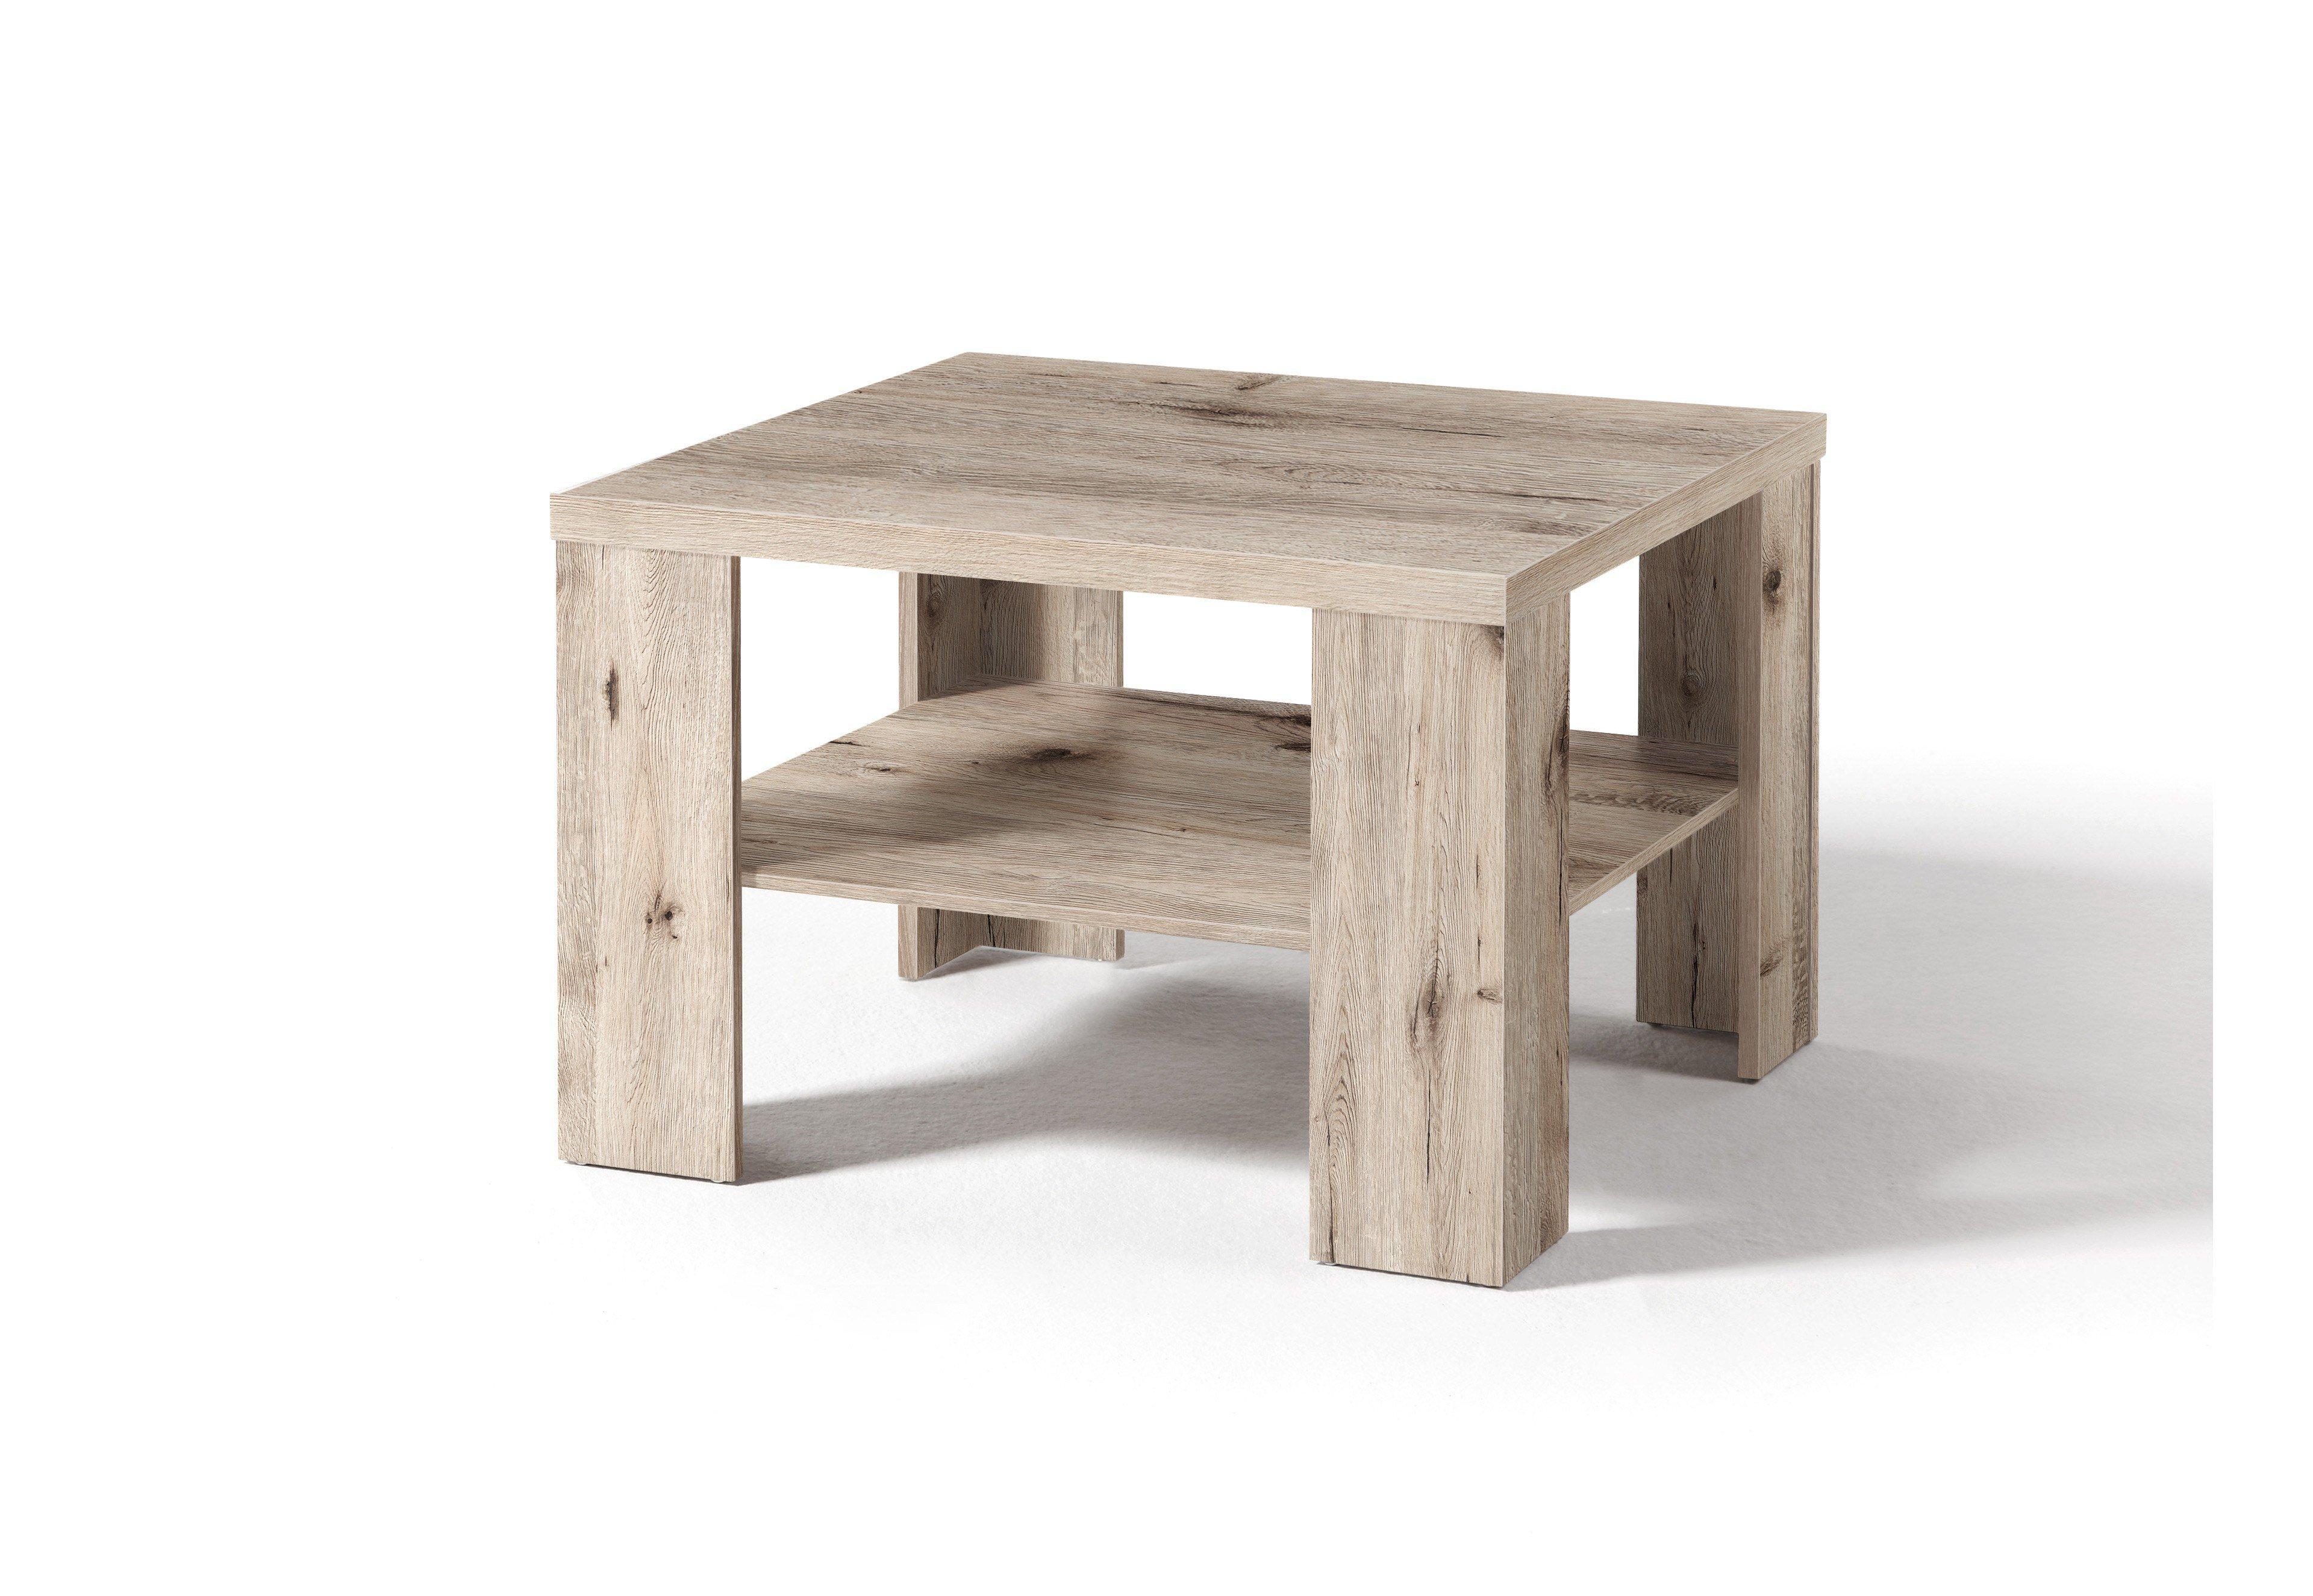 beistelltisch couchtisch matti von m usbacher in sandeiche m bel letz ihr online shop. Black Bedroom Furniture Sets. Home Design Ideas